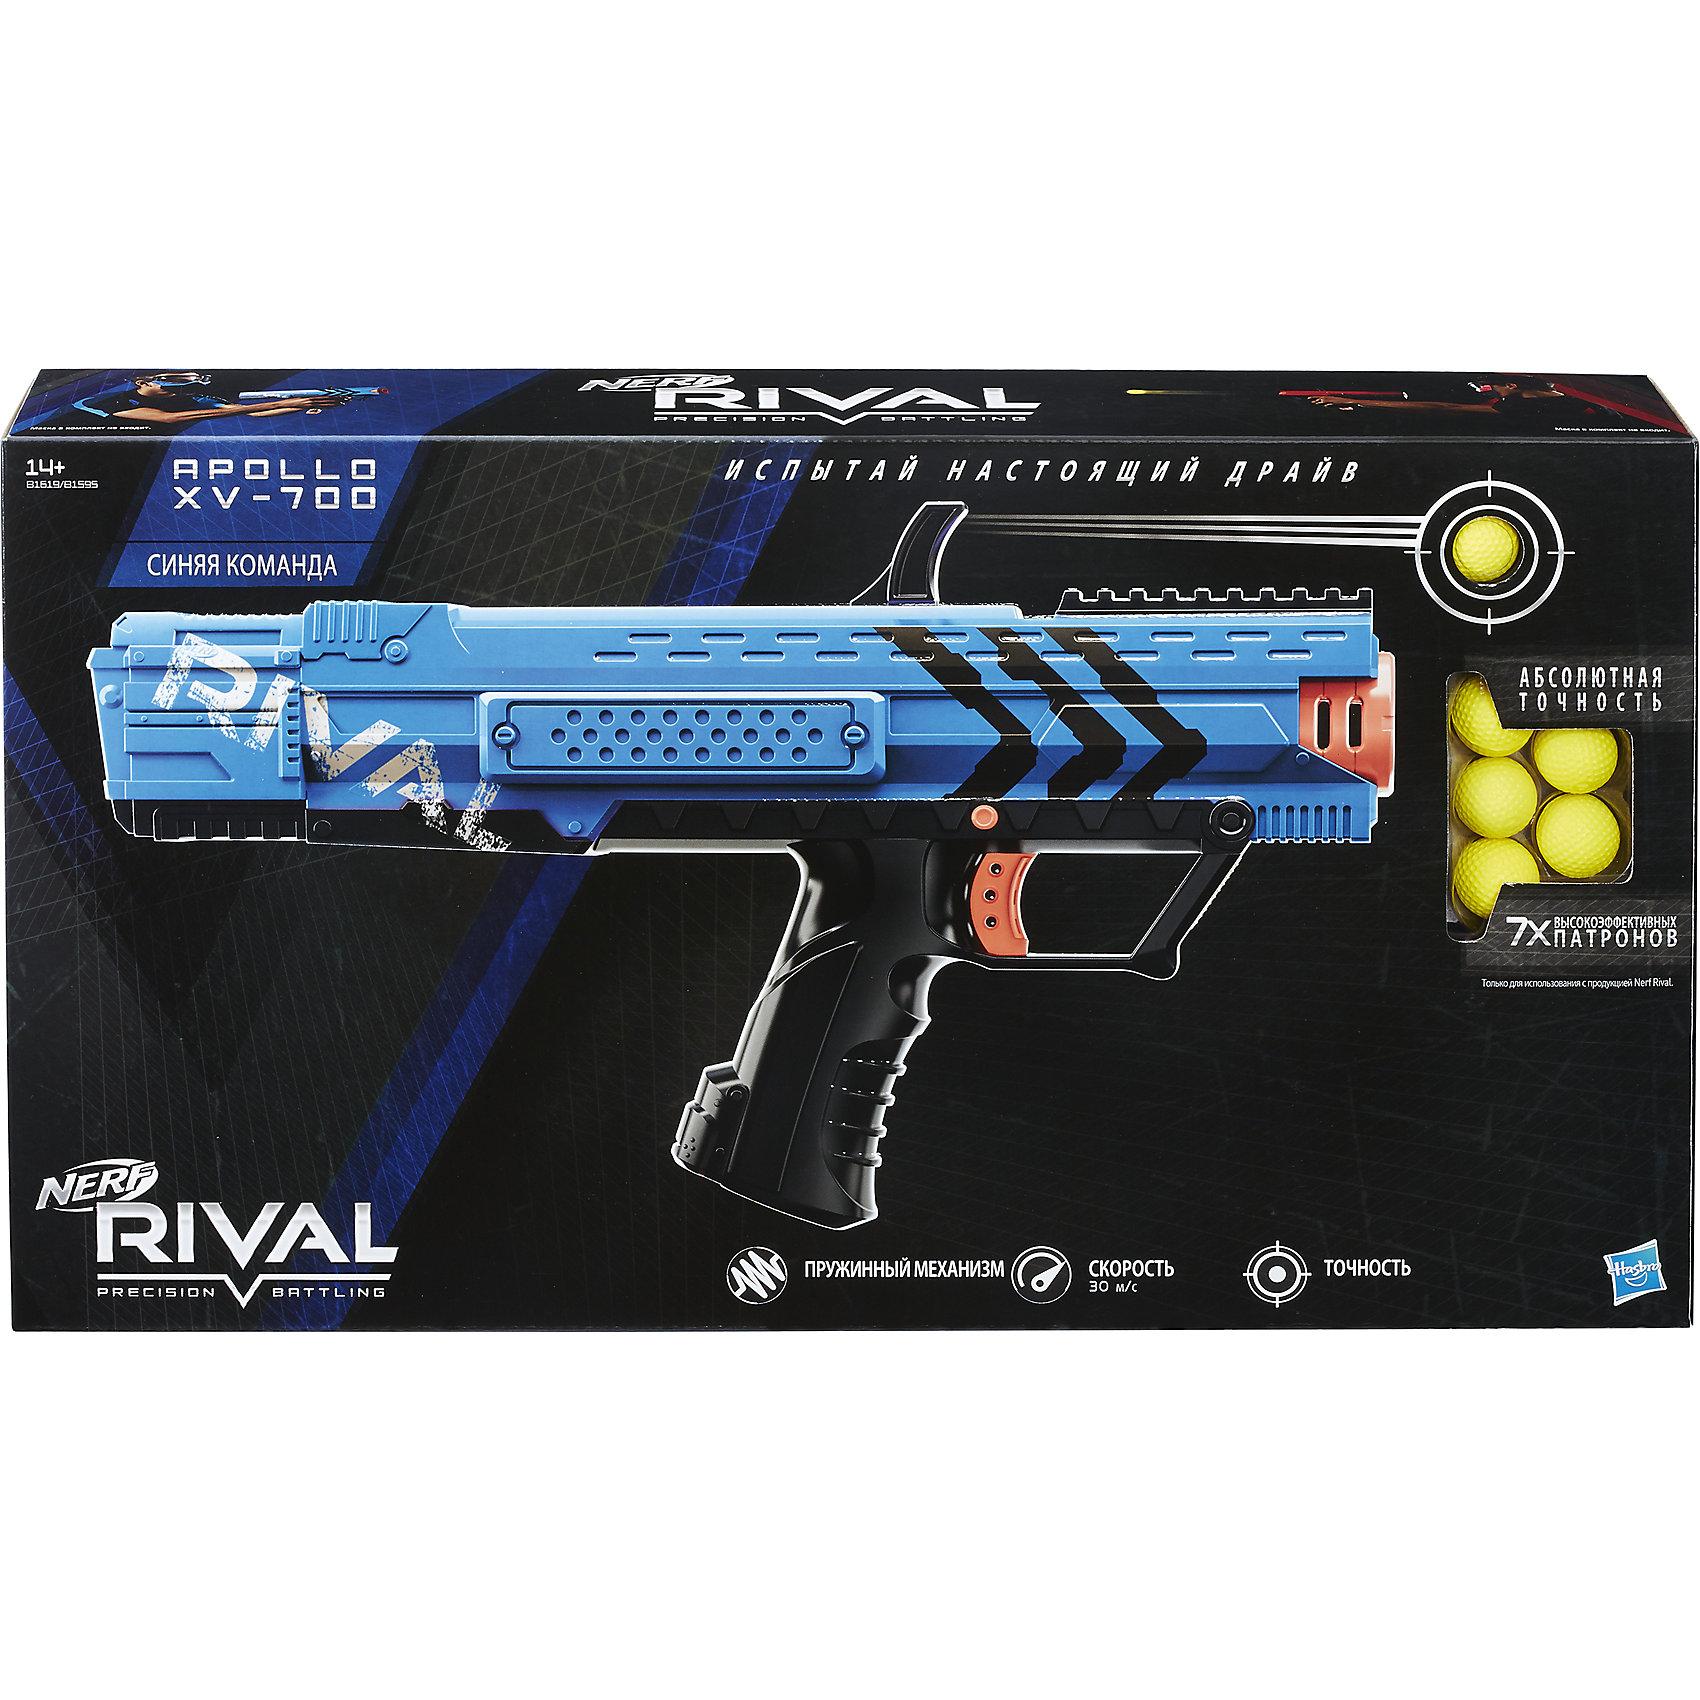 Бластер Райвал Апполо, NERF, B1595/B1619Бластеры, пистолеты и прочее<br>Механический бластер НЁРФ Райвал с обоймой на 7 шариков! Два цвета в ассортименте: красный и синий.<br><br>Ширина мм: 76<br>Глубина мм: 457<br>Высота мм: 254<br>Вес г: 1075<br>Возраст от месяцев: 168<br>Возраст до месяцев: 192<br>Пол: Мужской<br>Возраст: Детский<br>SKU: 5436582